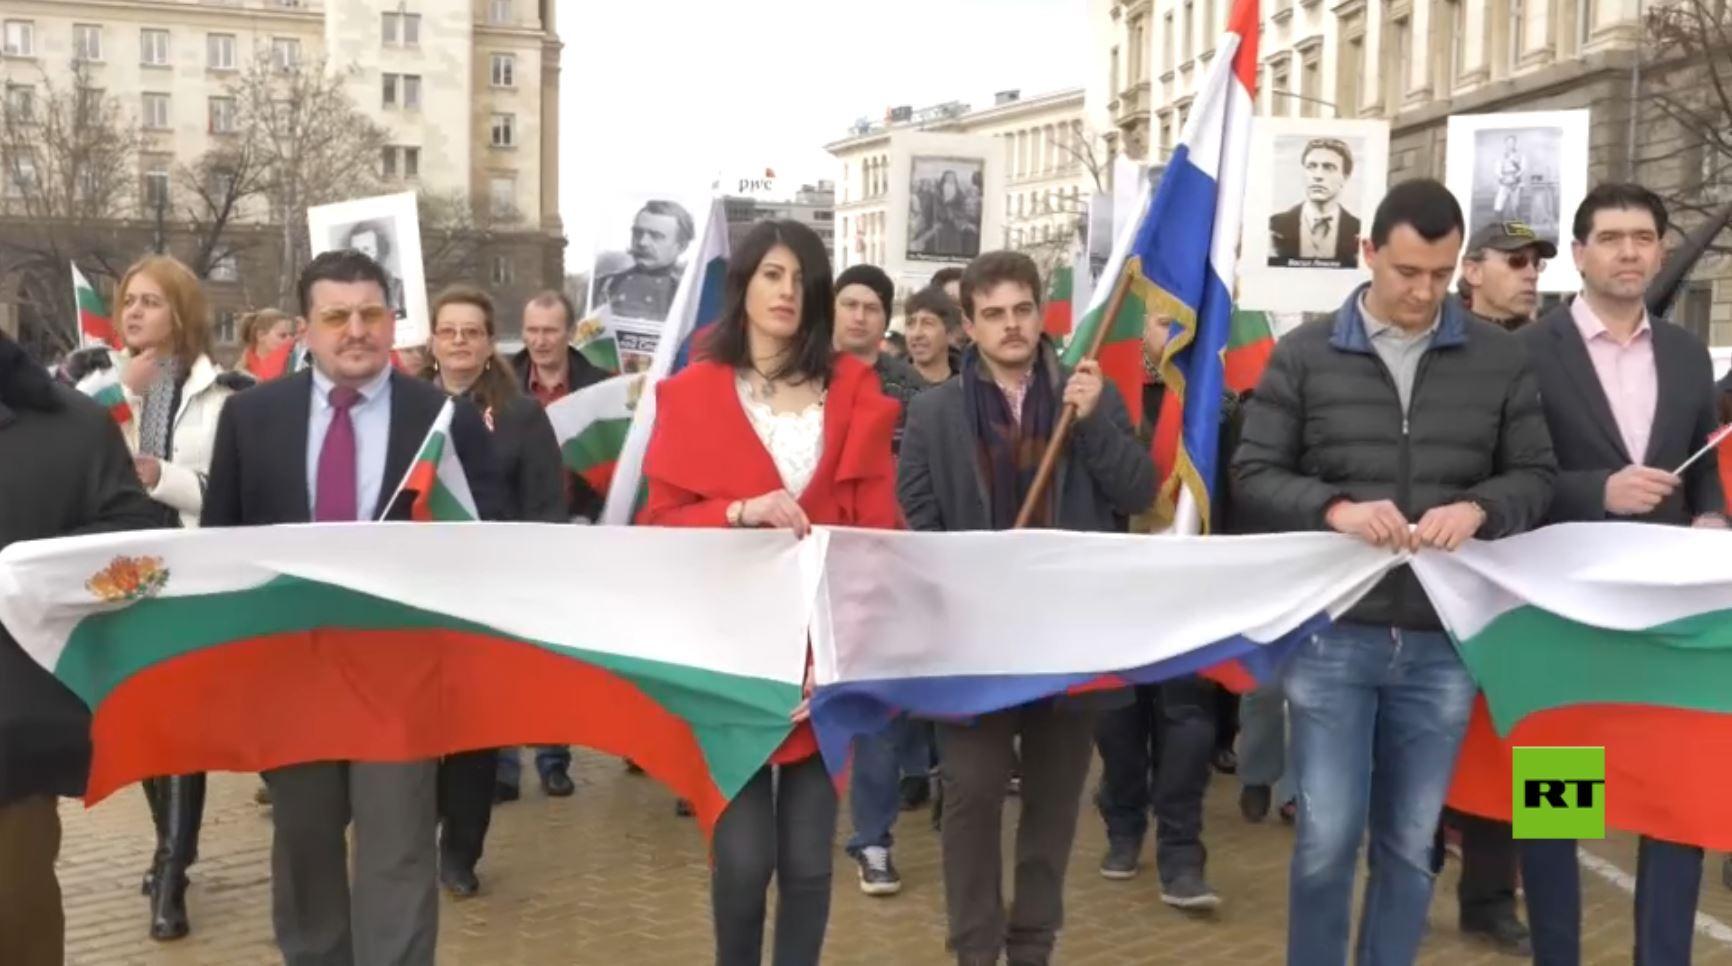 بلغاريا تحتفل بالذكرى الـ142 لتحريرها من الحكم العثماني